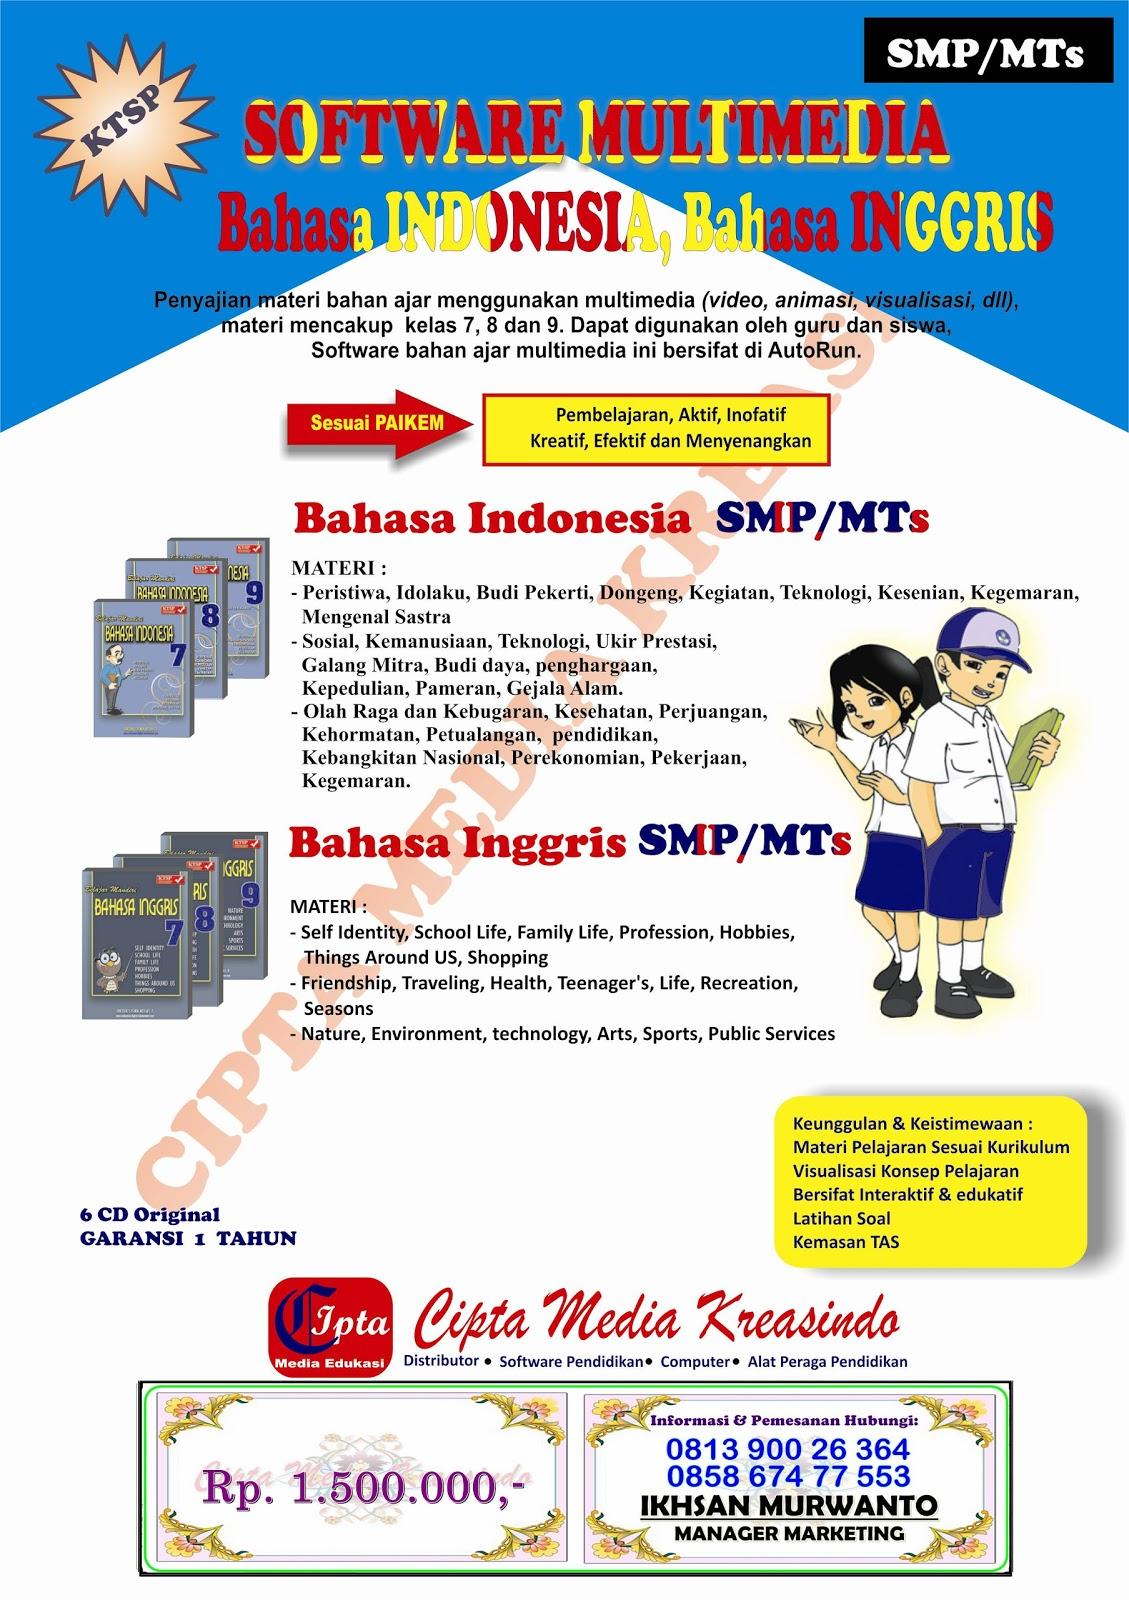 Rpp Bahasa Indonesia Smp Kelas Vii Tahun 2013 Download Mudah Rpp Dan Silabus Smp Kelas Vii Info Ptk Pelajaran Bahasa Indonesia Inggris Agama Islam Kelas 7 8 9 Download